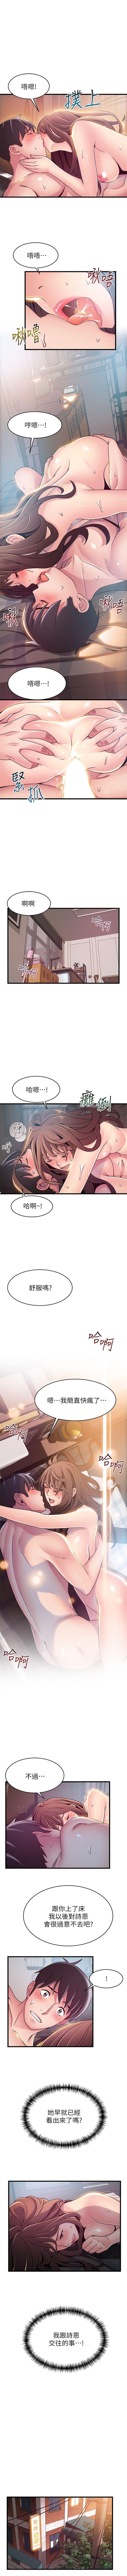 (週7)弱點 1-76 中文翻譯(更新中) 429